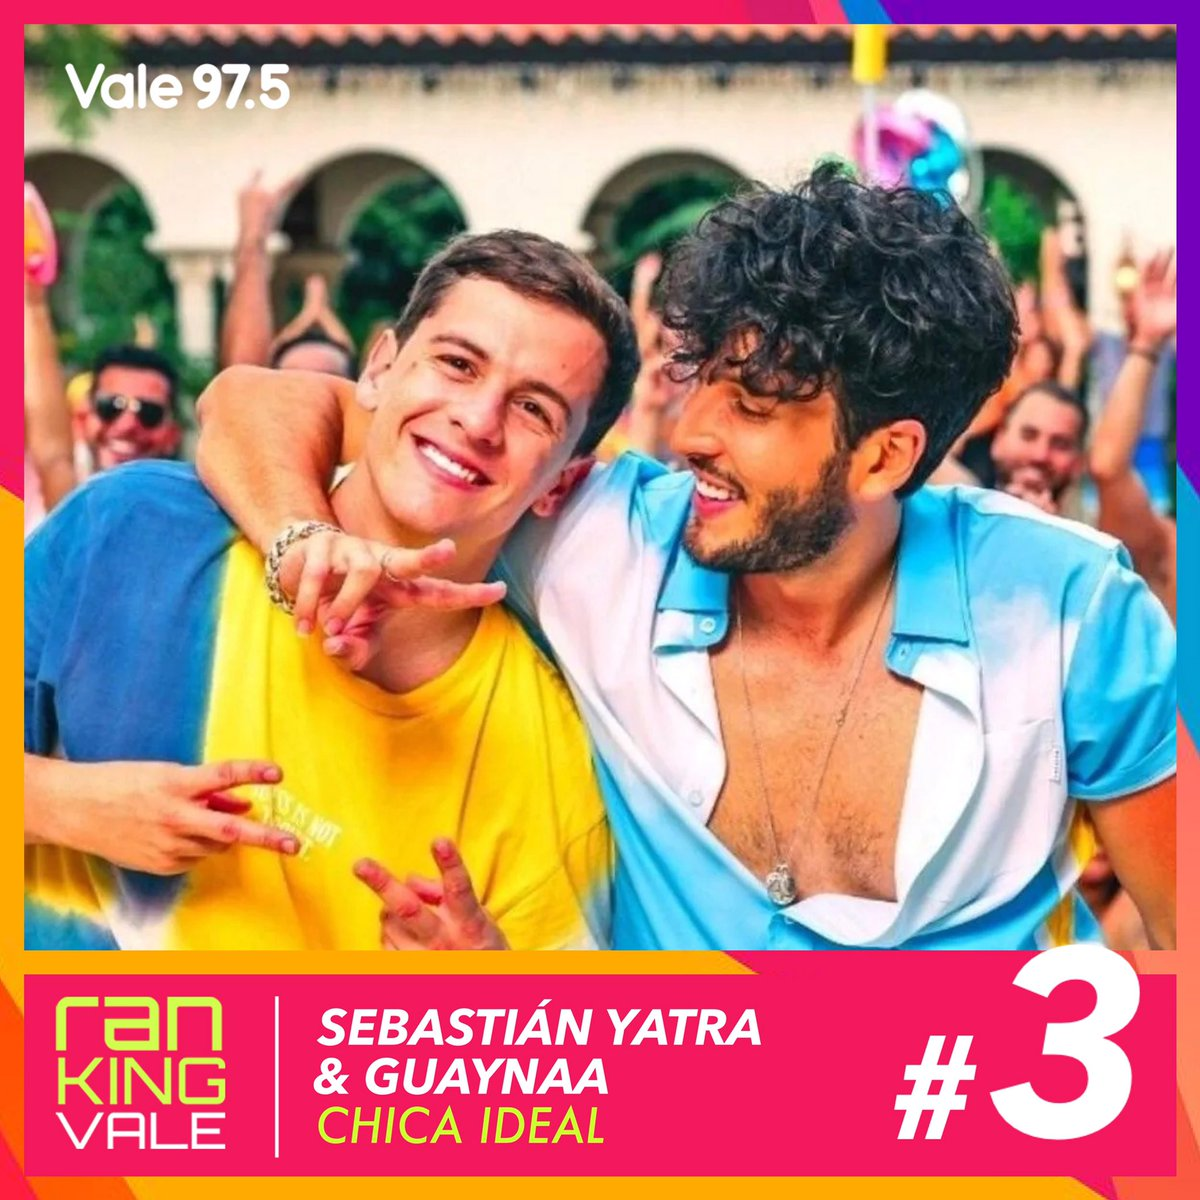 PUESTO #3 | ¡No parás de cantarla y no para de subir! @SebastianYatra & @Guaynaa_ abren el podio del #RankingVale con #ChicaIdeal 💃🏻🎶